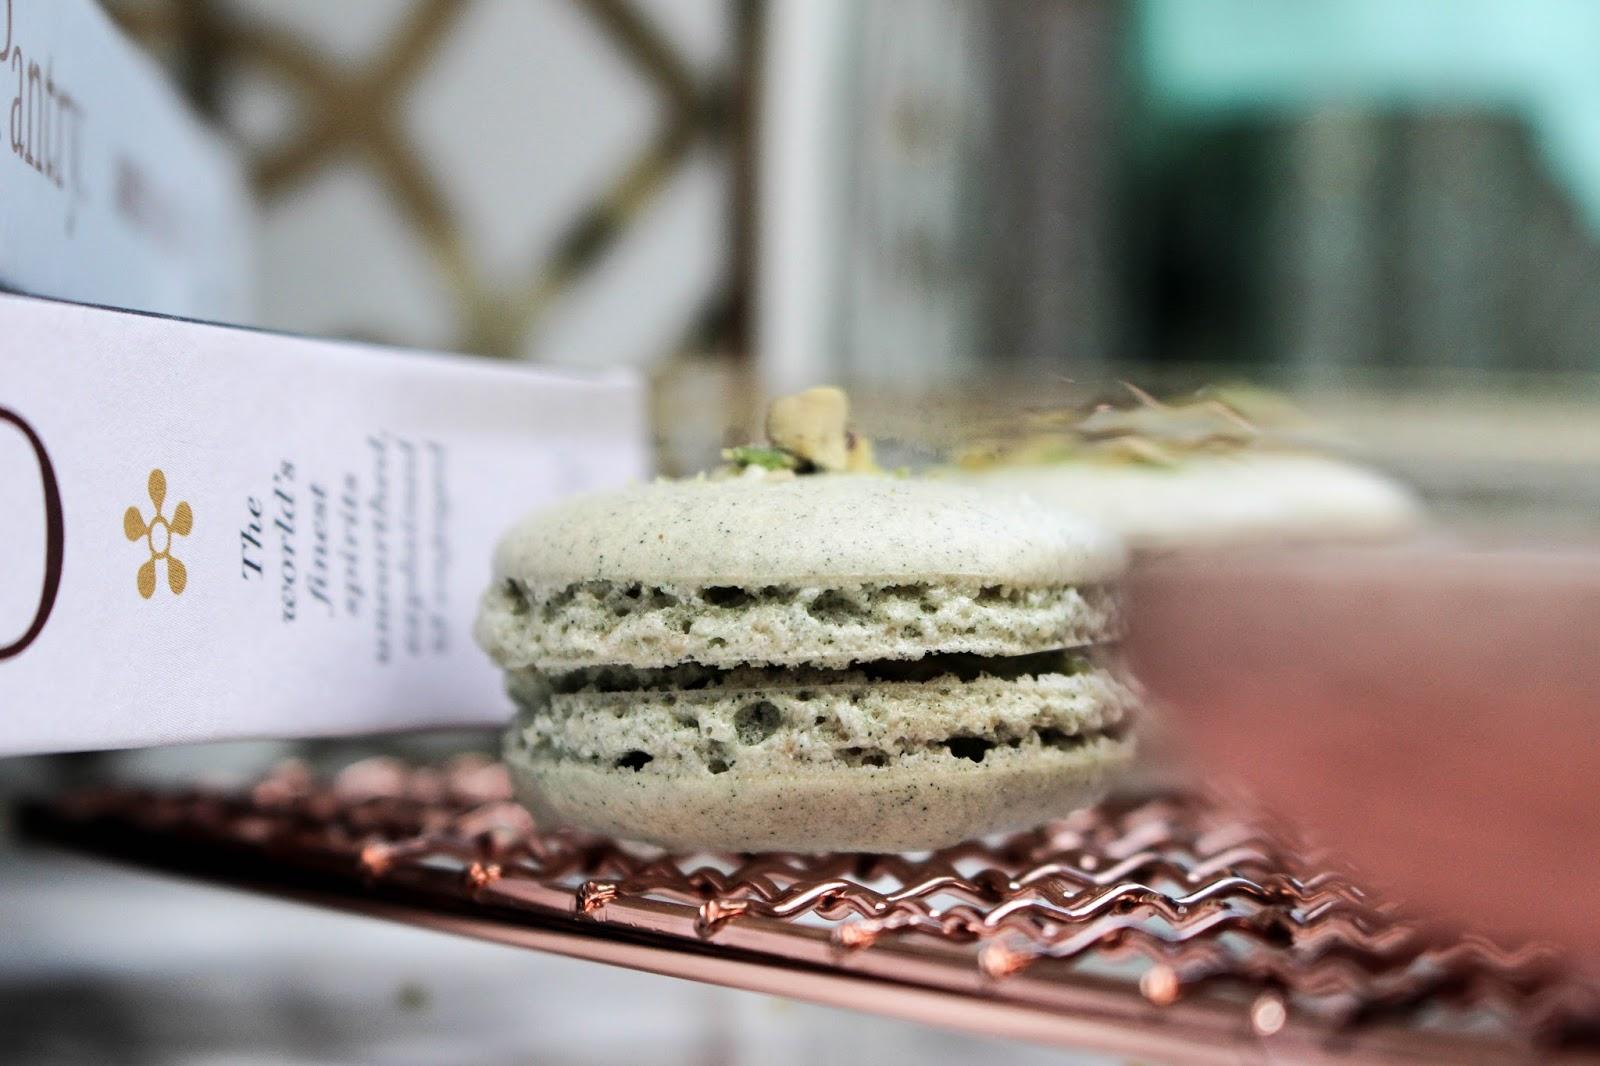 Mon Dessert Macaron Kit Blog Worldwide Giveaway